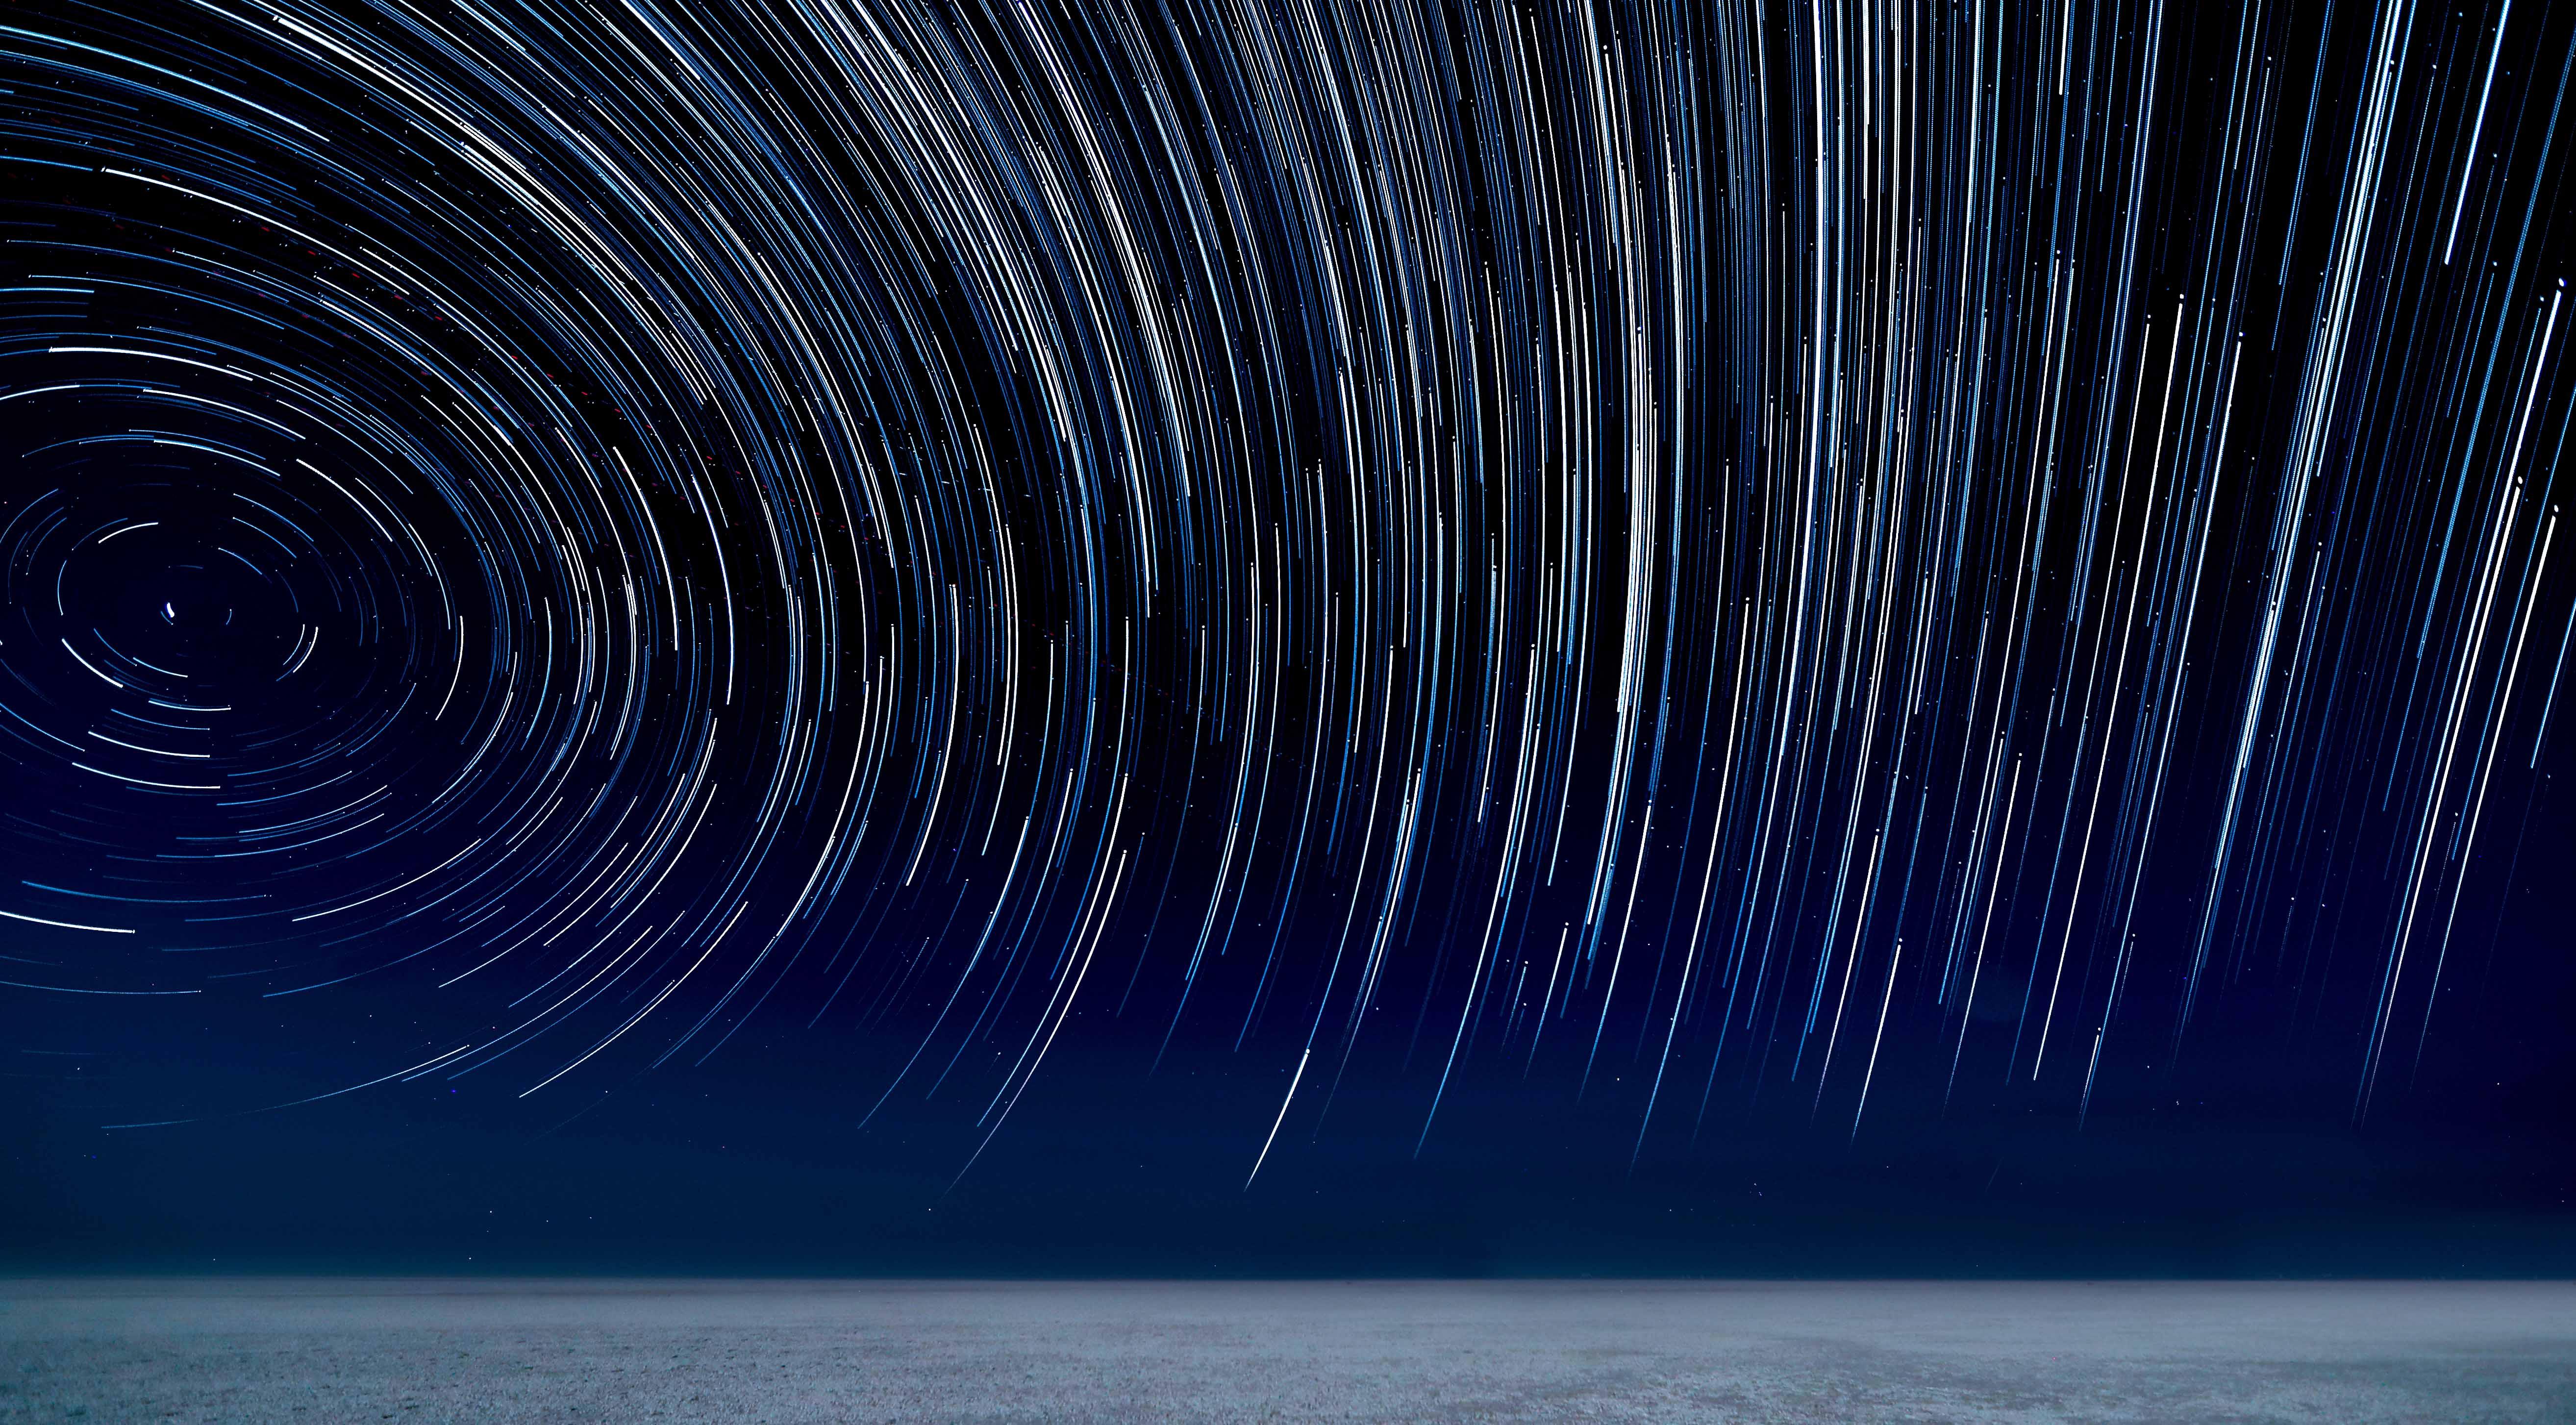 StarStaX_A20I0001-A20I9999_lighten